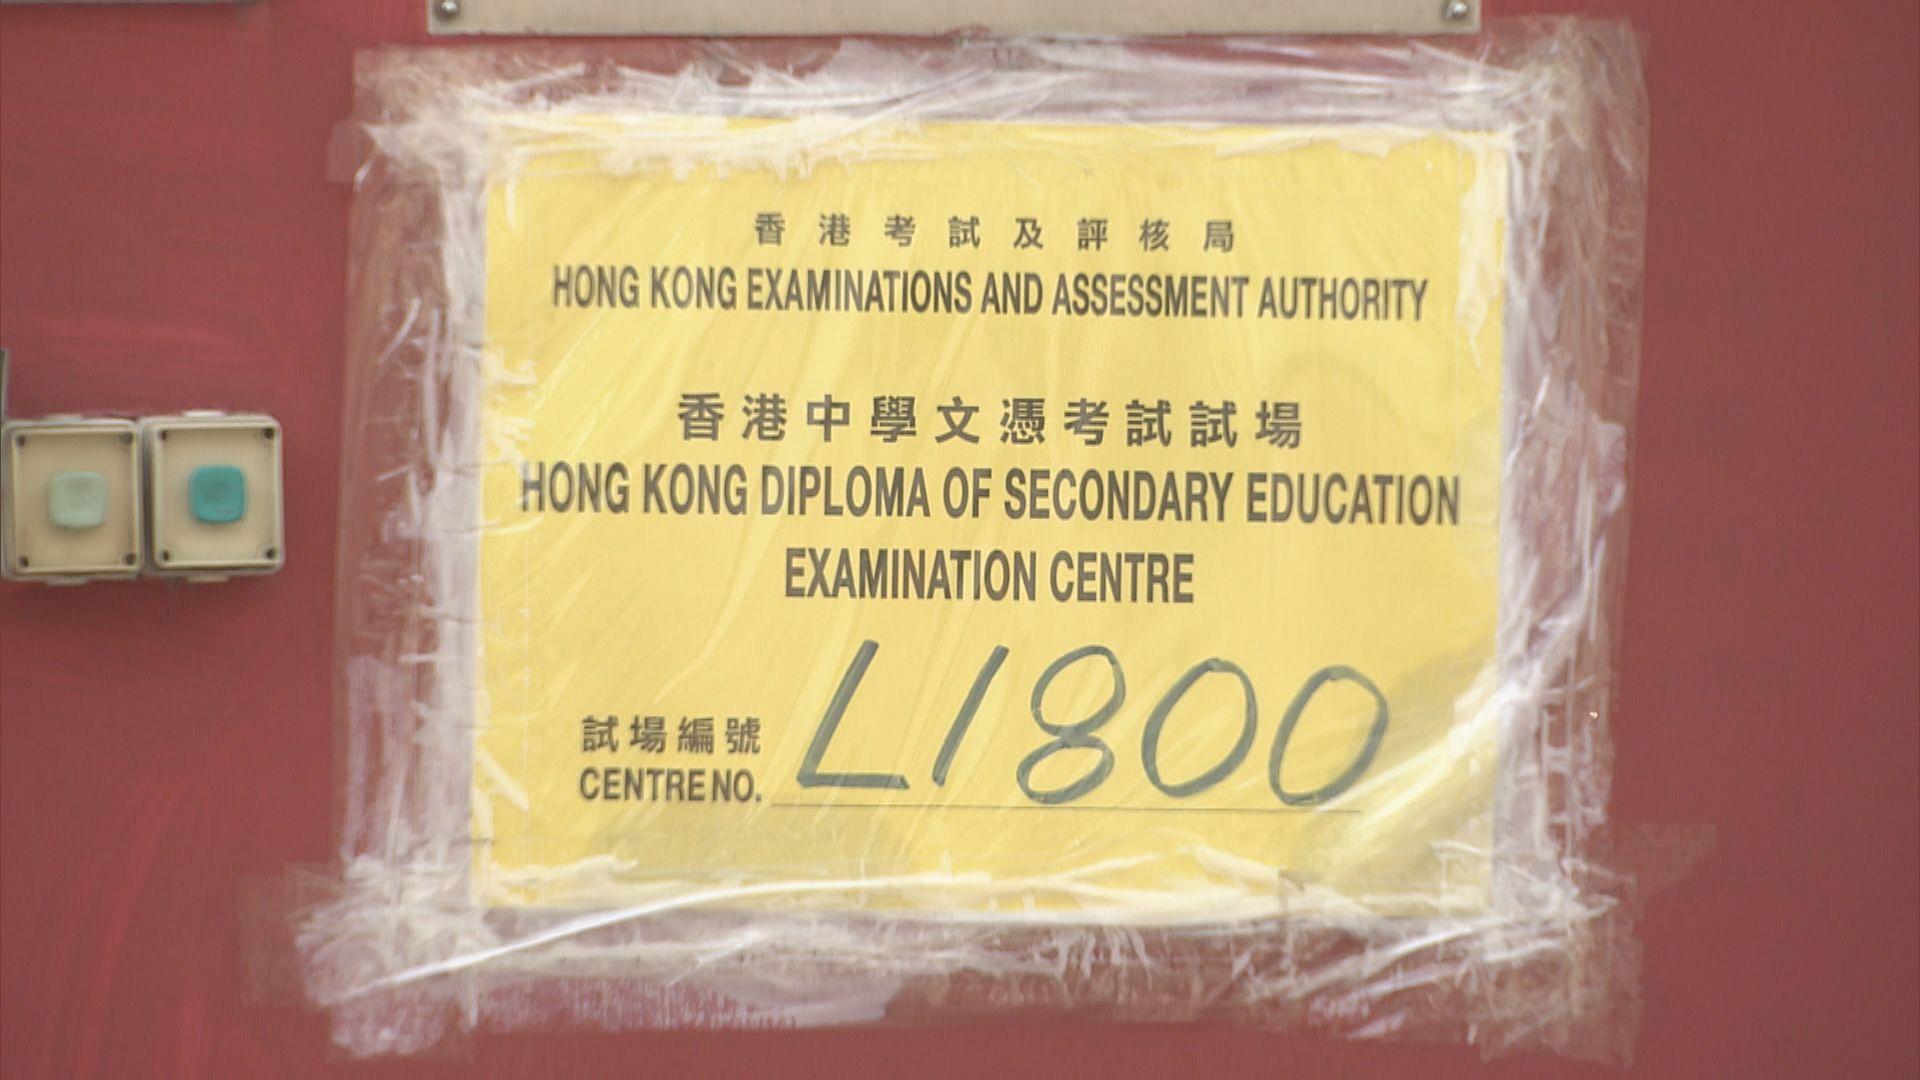 楊潤雄籲僱主容許員工在文憑試考試日子彈性上班